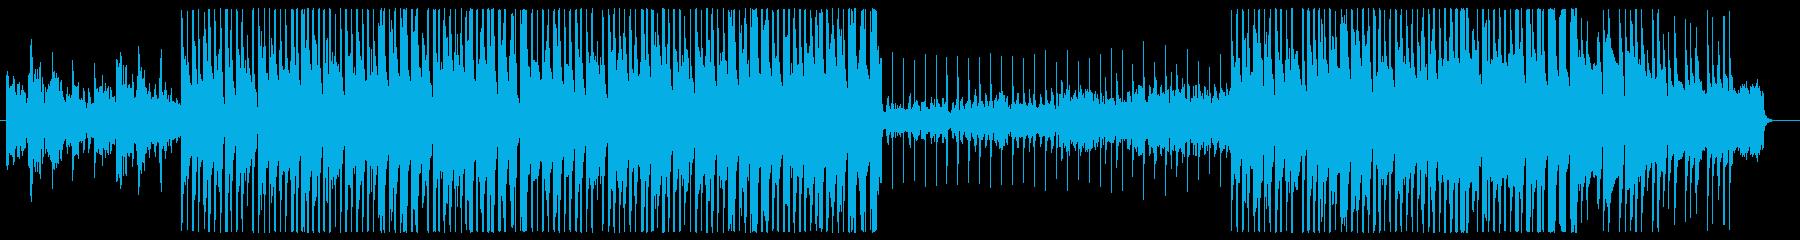 ノスタルジックな和風Lo-Fiバラードの再生済みの波形